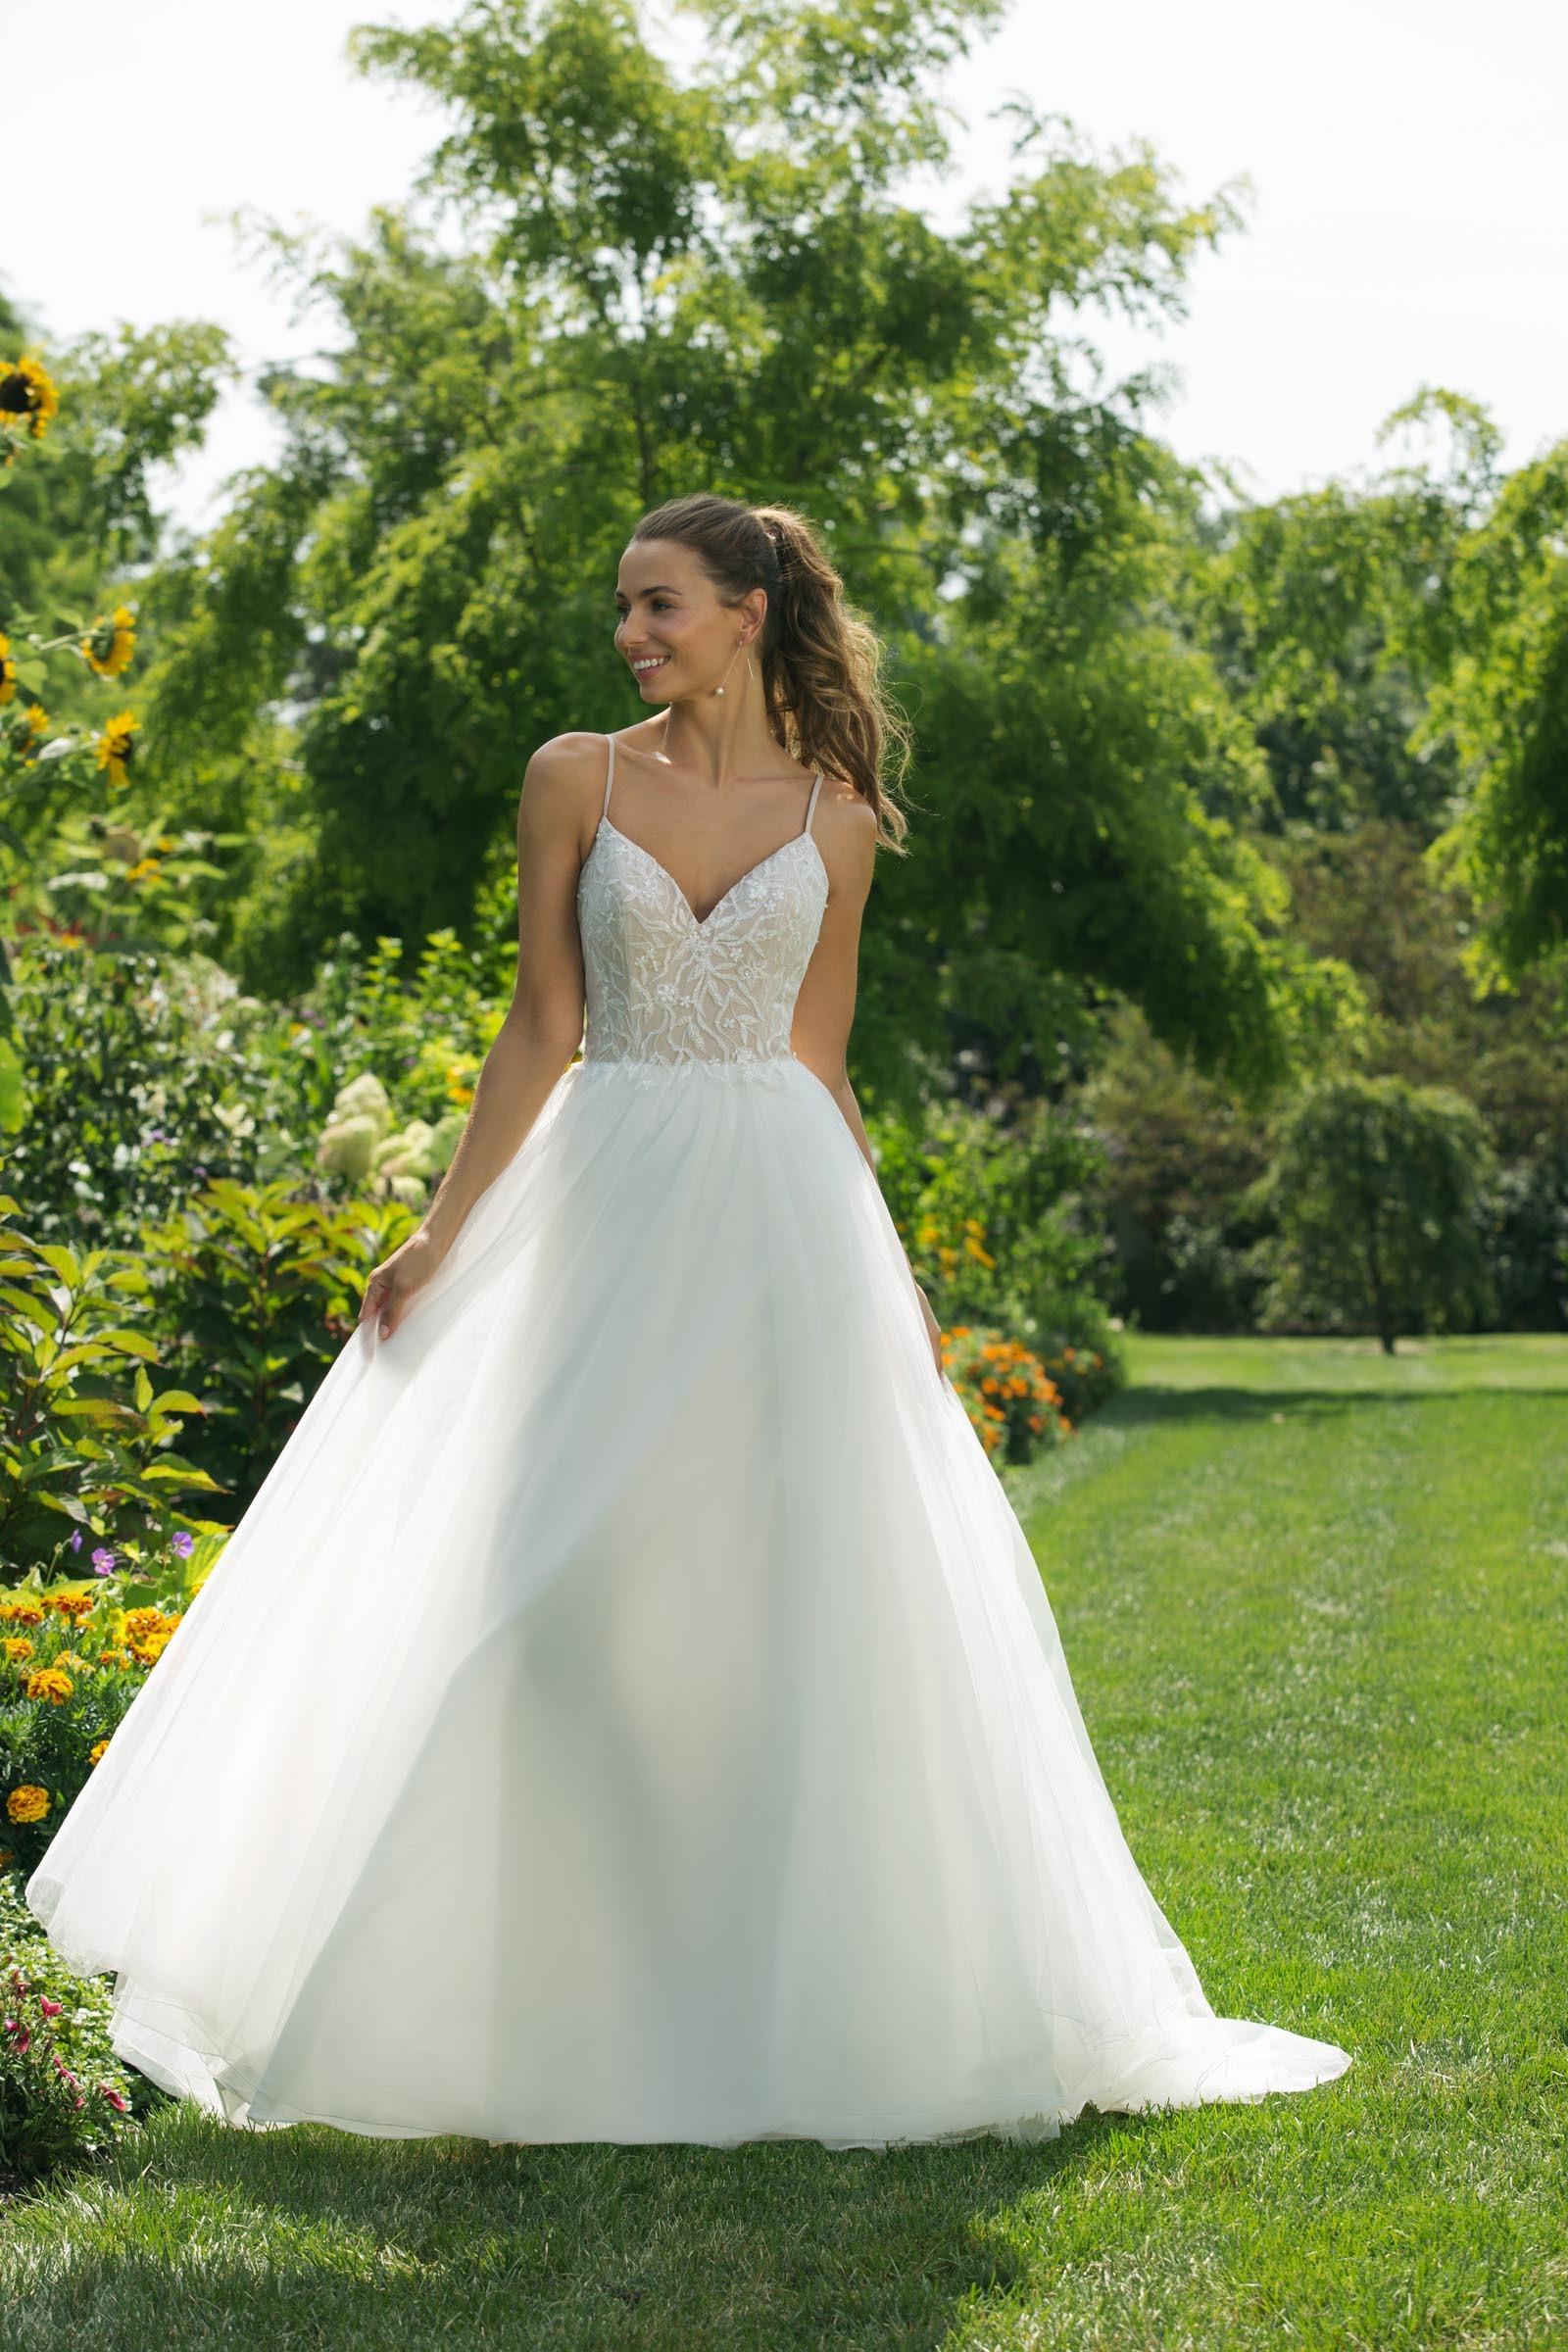 db02b18ad225d Weißes Brautkleid im Prinzesschnitt mit Spitzentop